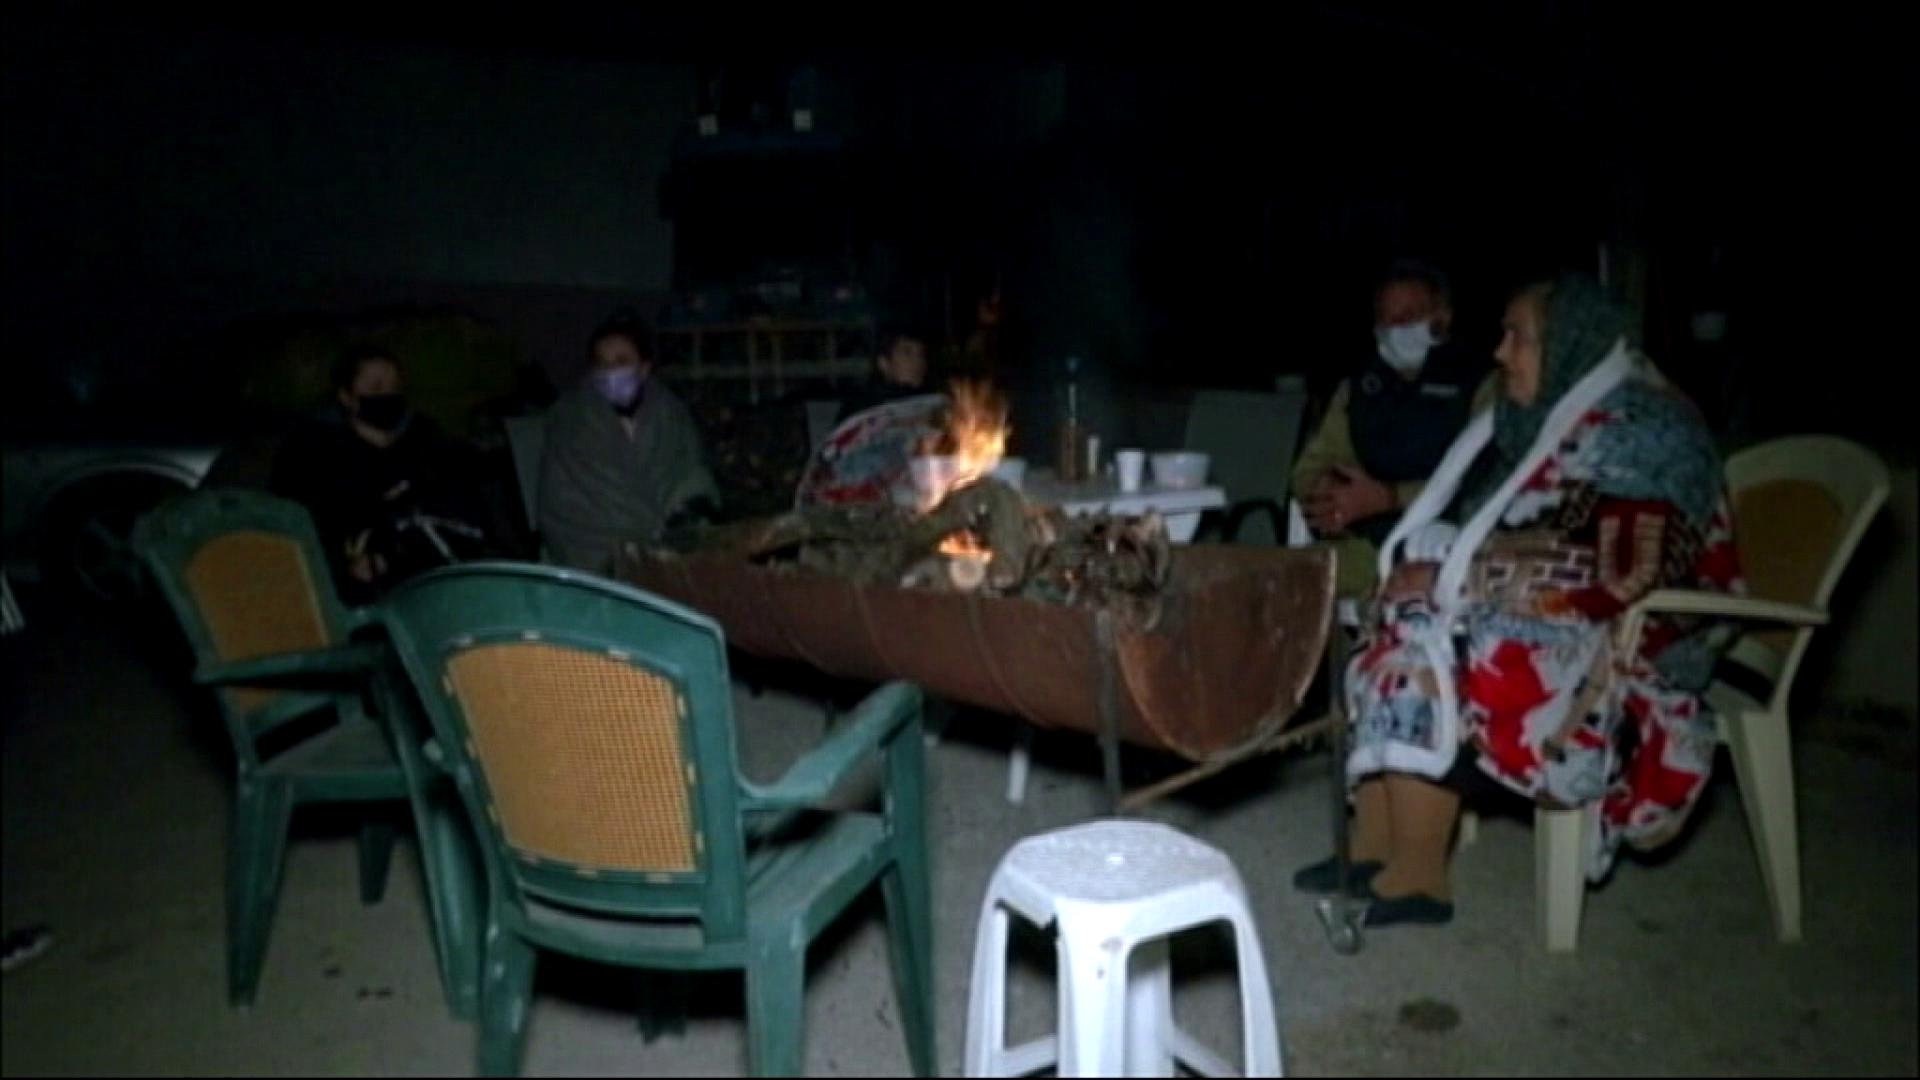 Në zonat më të goditura dhjetëra banorë e kalojnë natën jashtë - Konica.al